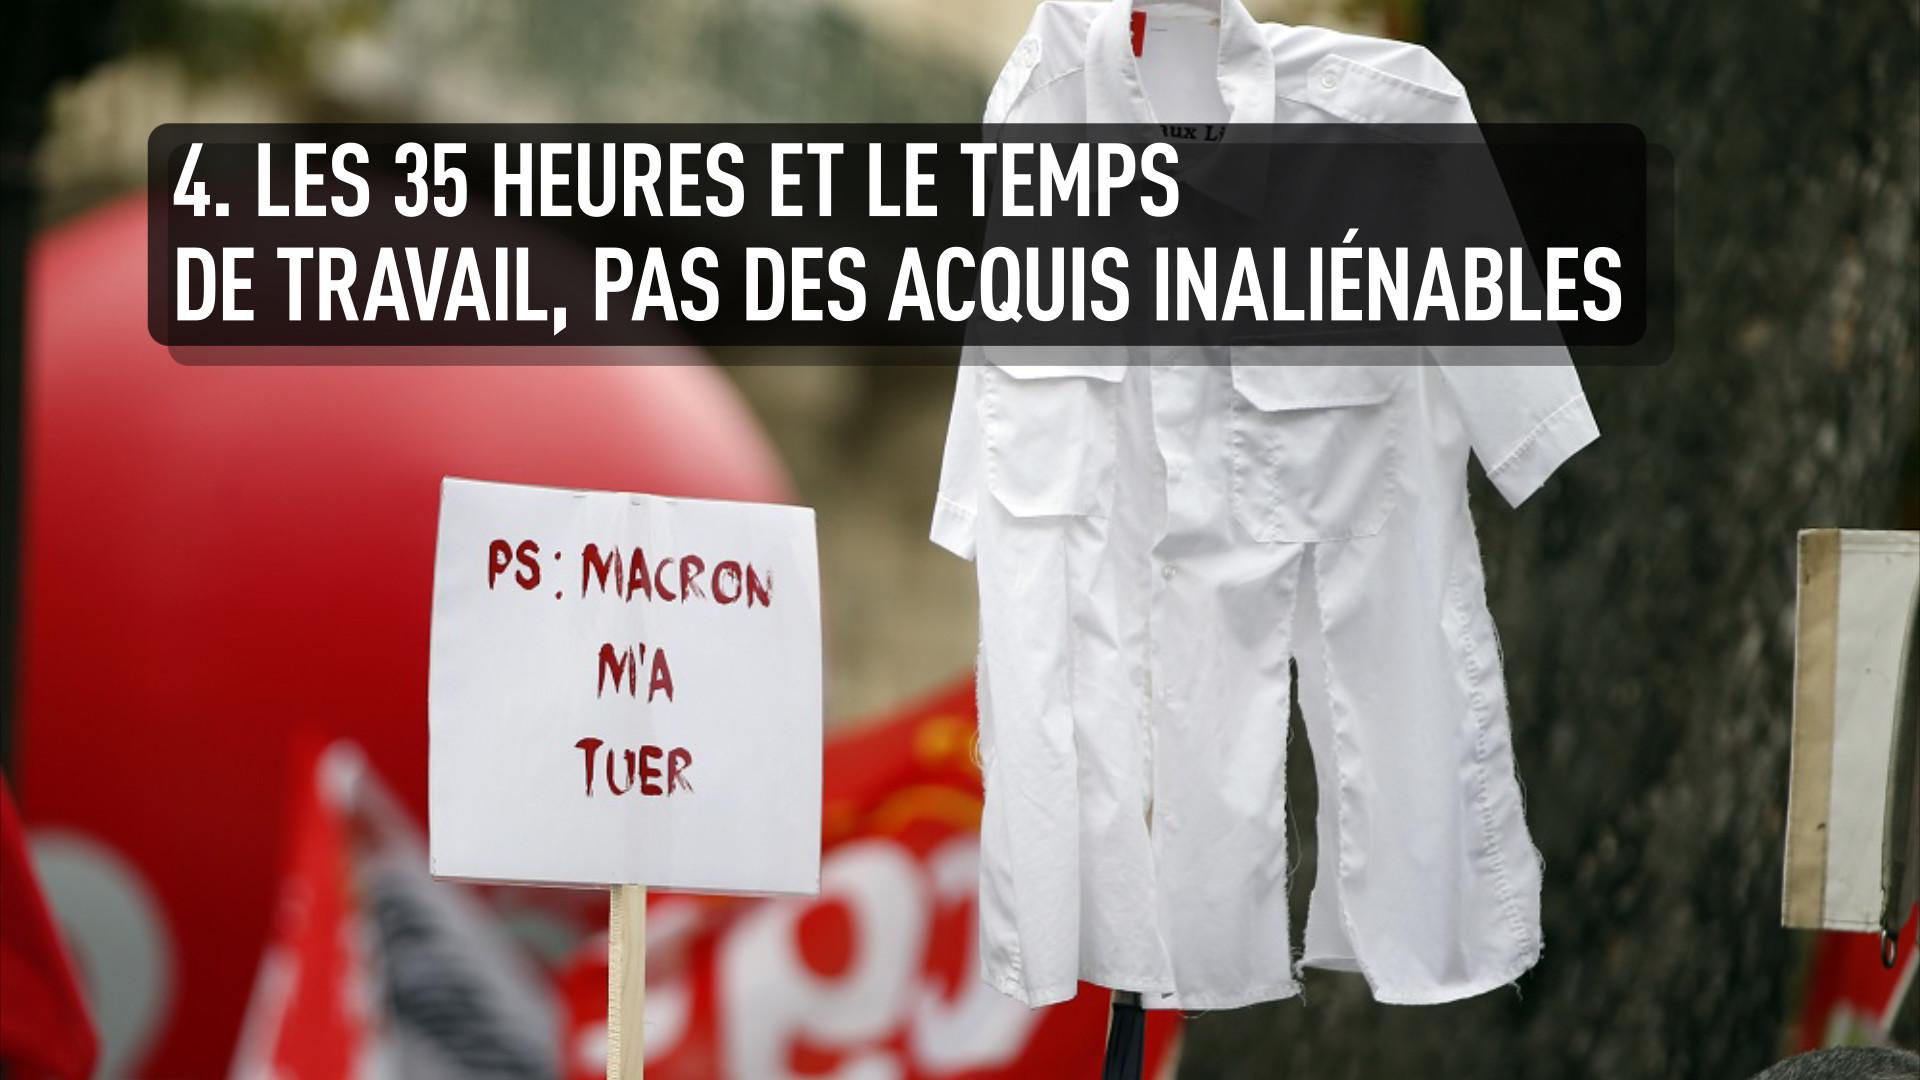 Les cinq déclarations les plus ultralibérales du ministre socialiste Emmanuel Macron